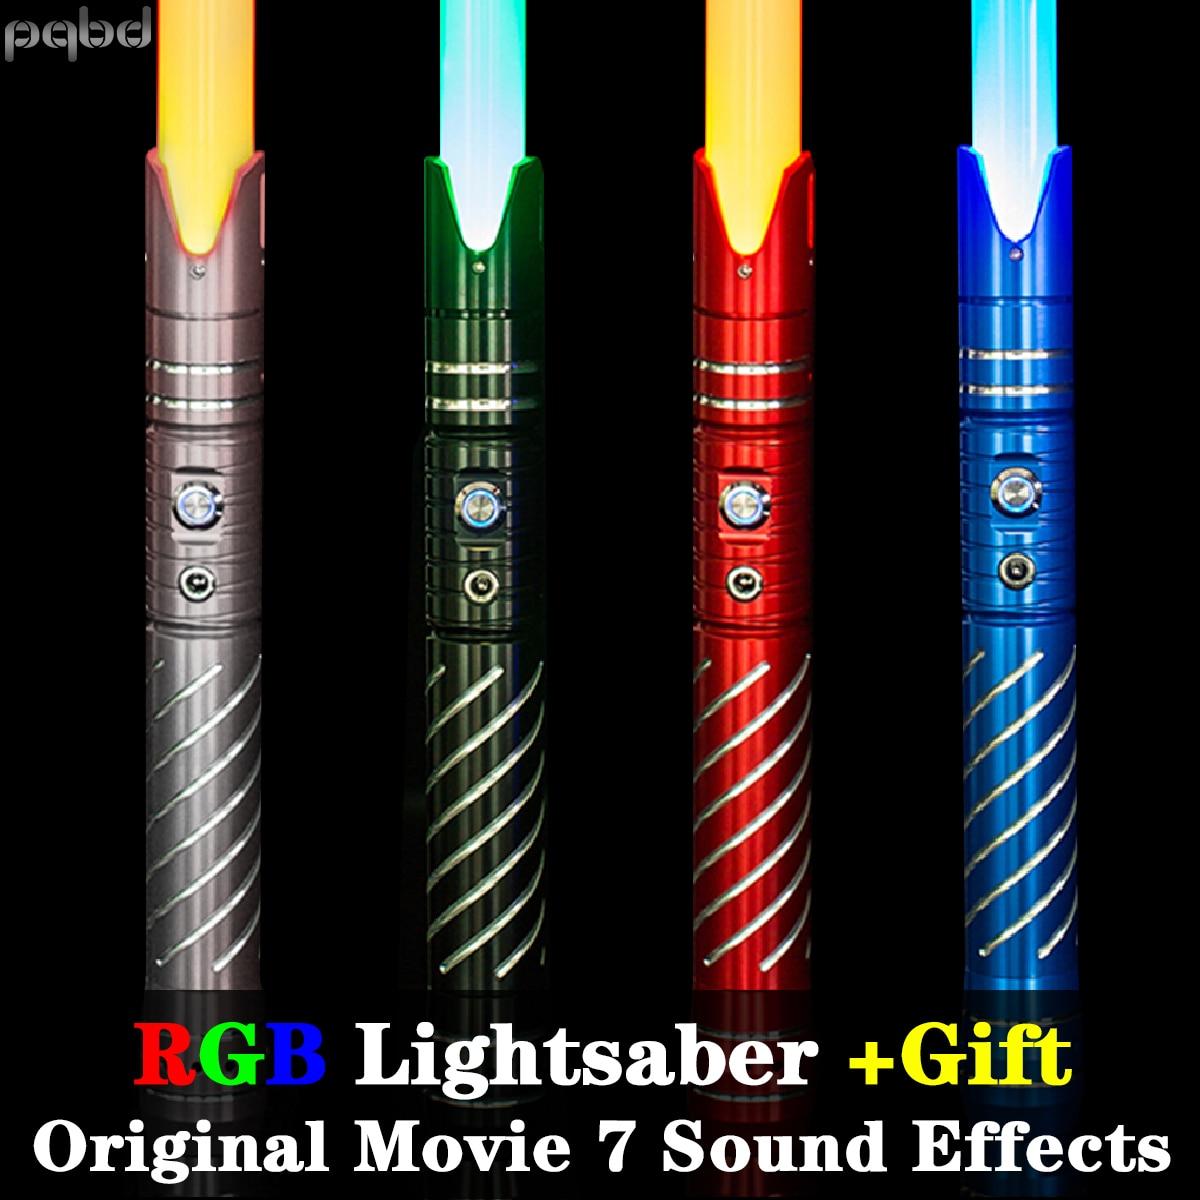 pqbd Laser Sword RGB Original Movie Sound Effects Lightsaber Metal Handle 7 Sets Soundfonts Light Saber Blaster Cosplay Toy Gift